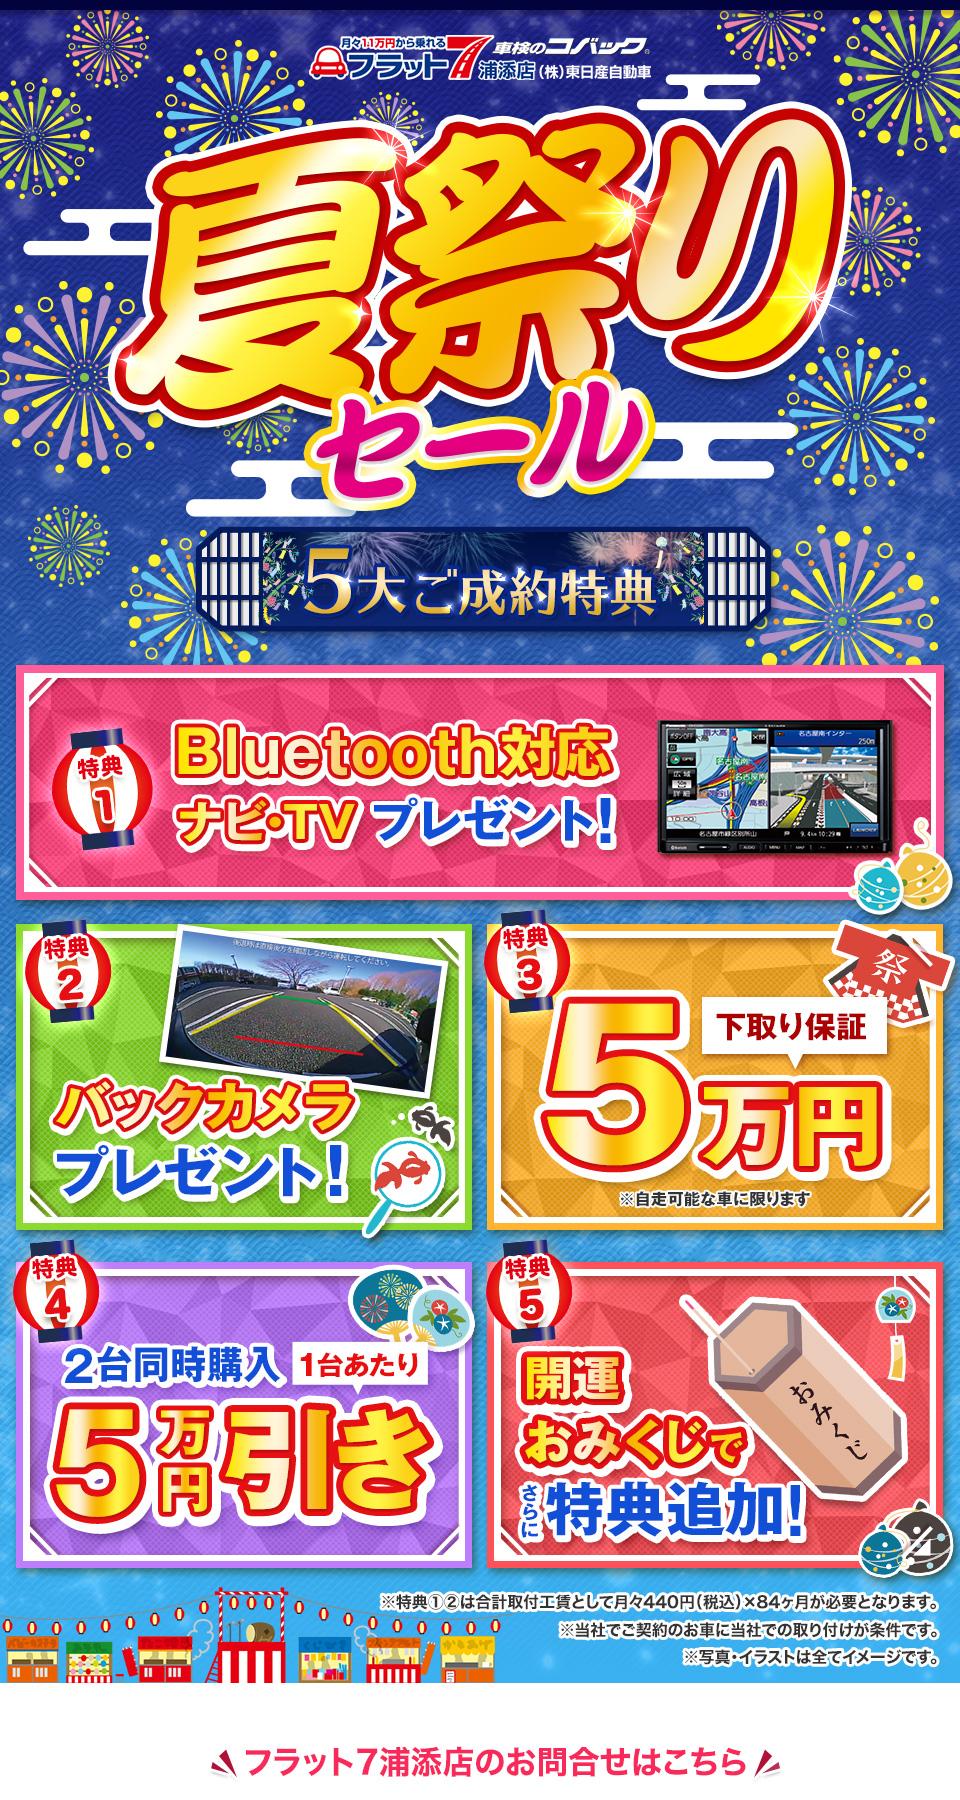 ご成約のお客様にナビTV・バックカメラなど豪華5大特典をプレゼント!